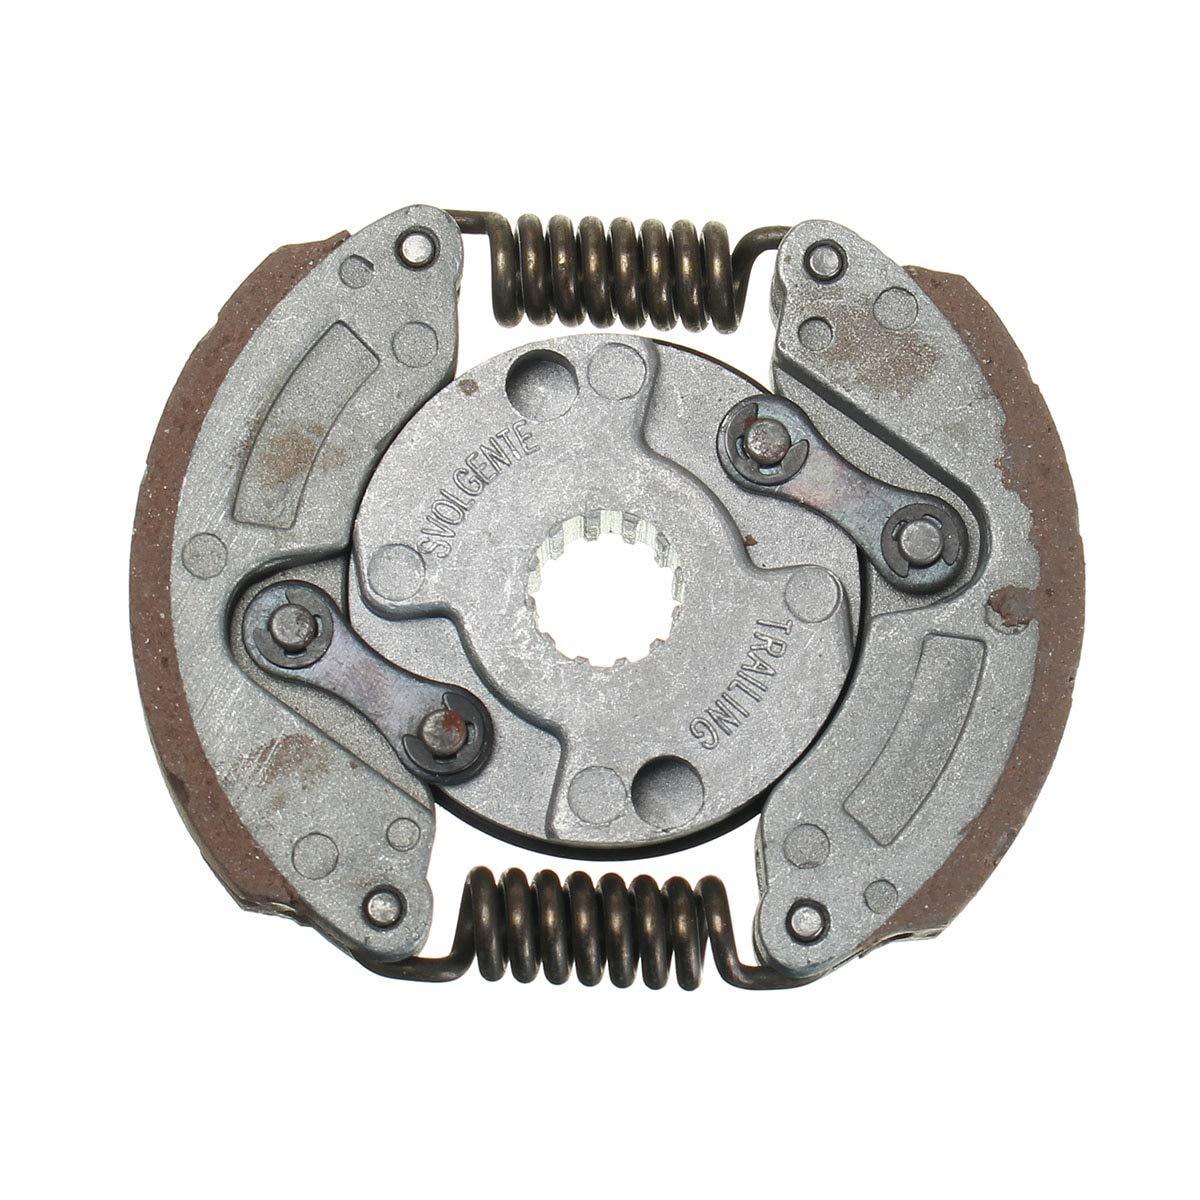 Clutch Engine Parts for KTM 50 Junior Senior JR SR SX PRO LC 1994-2001